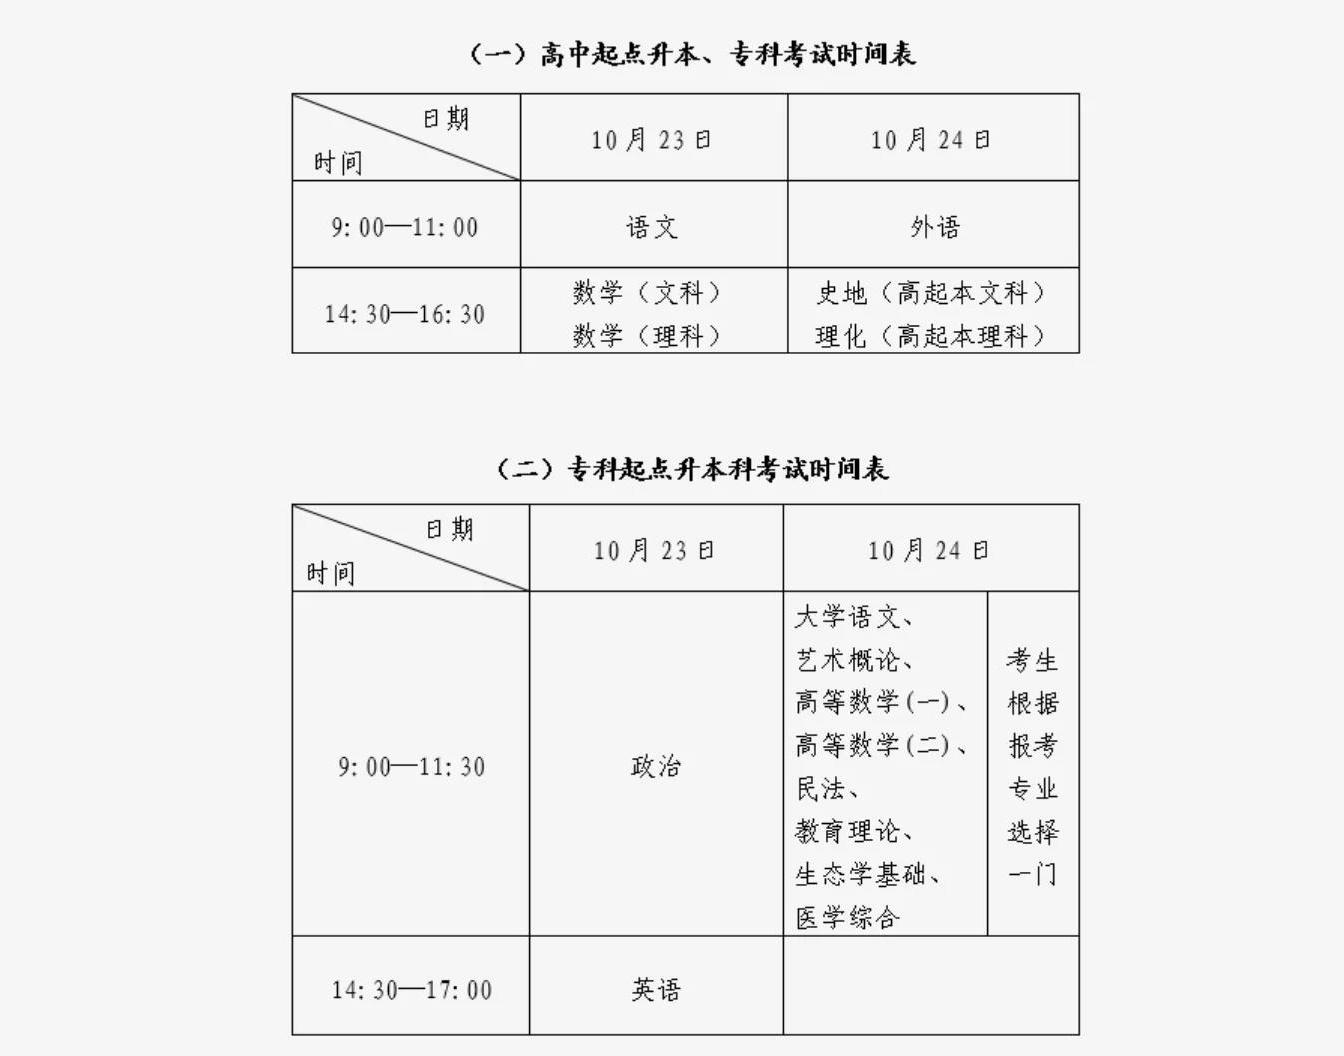 2021年广州成人高考考试时间